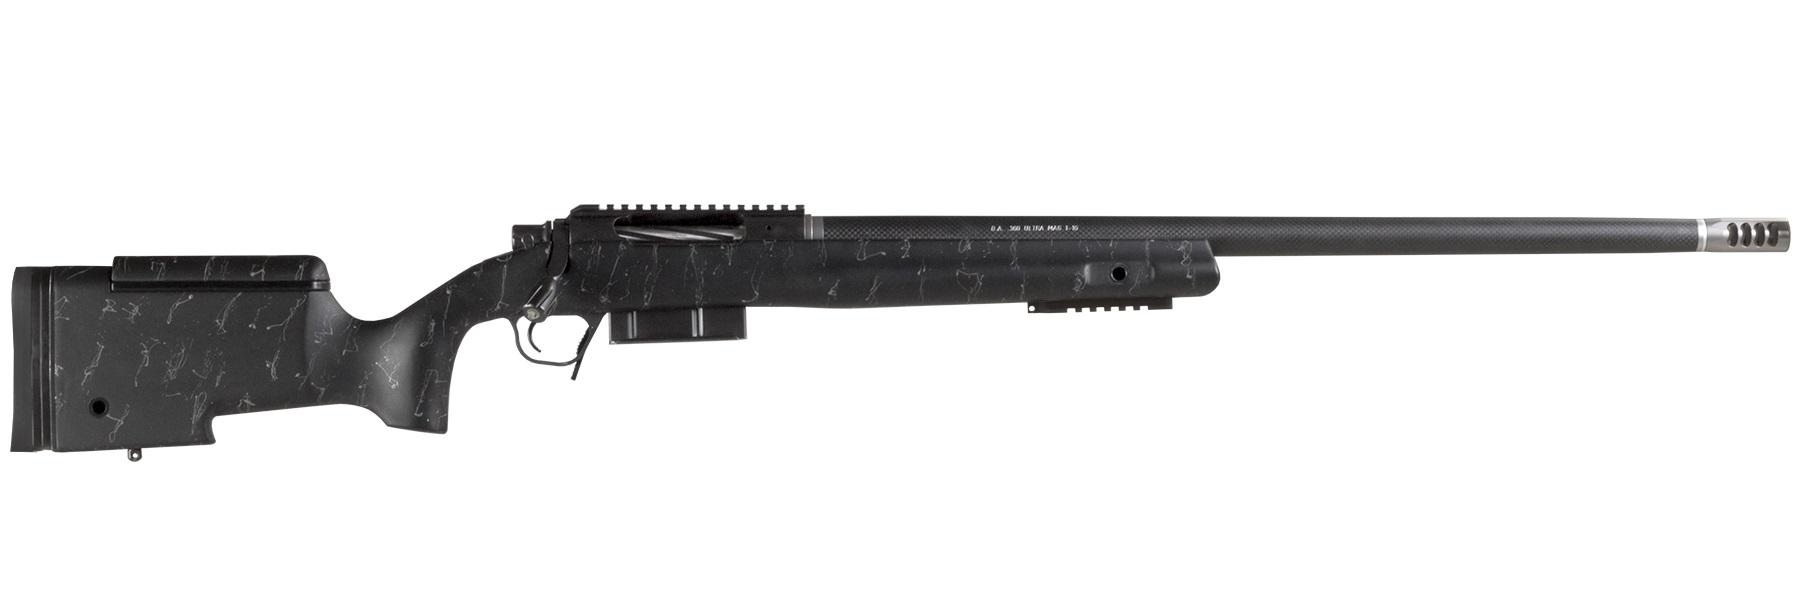 Christensen Arms BA Tactical 308 Win